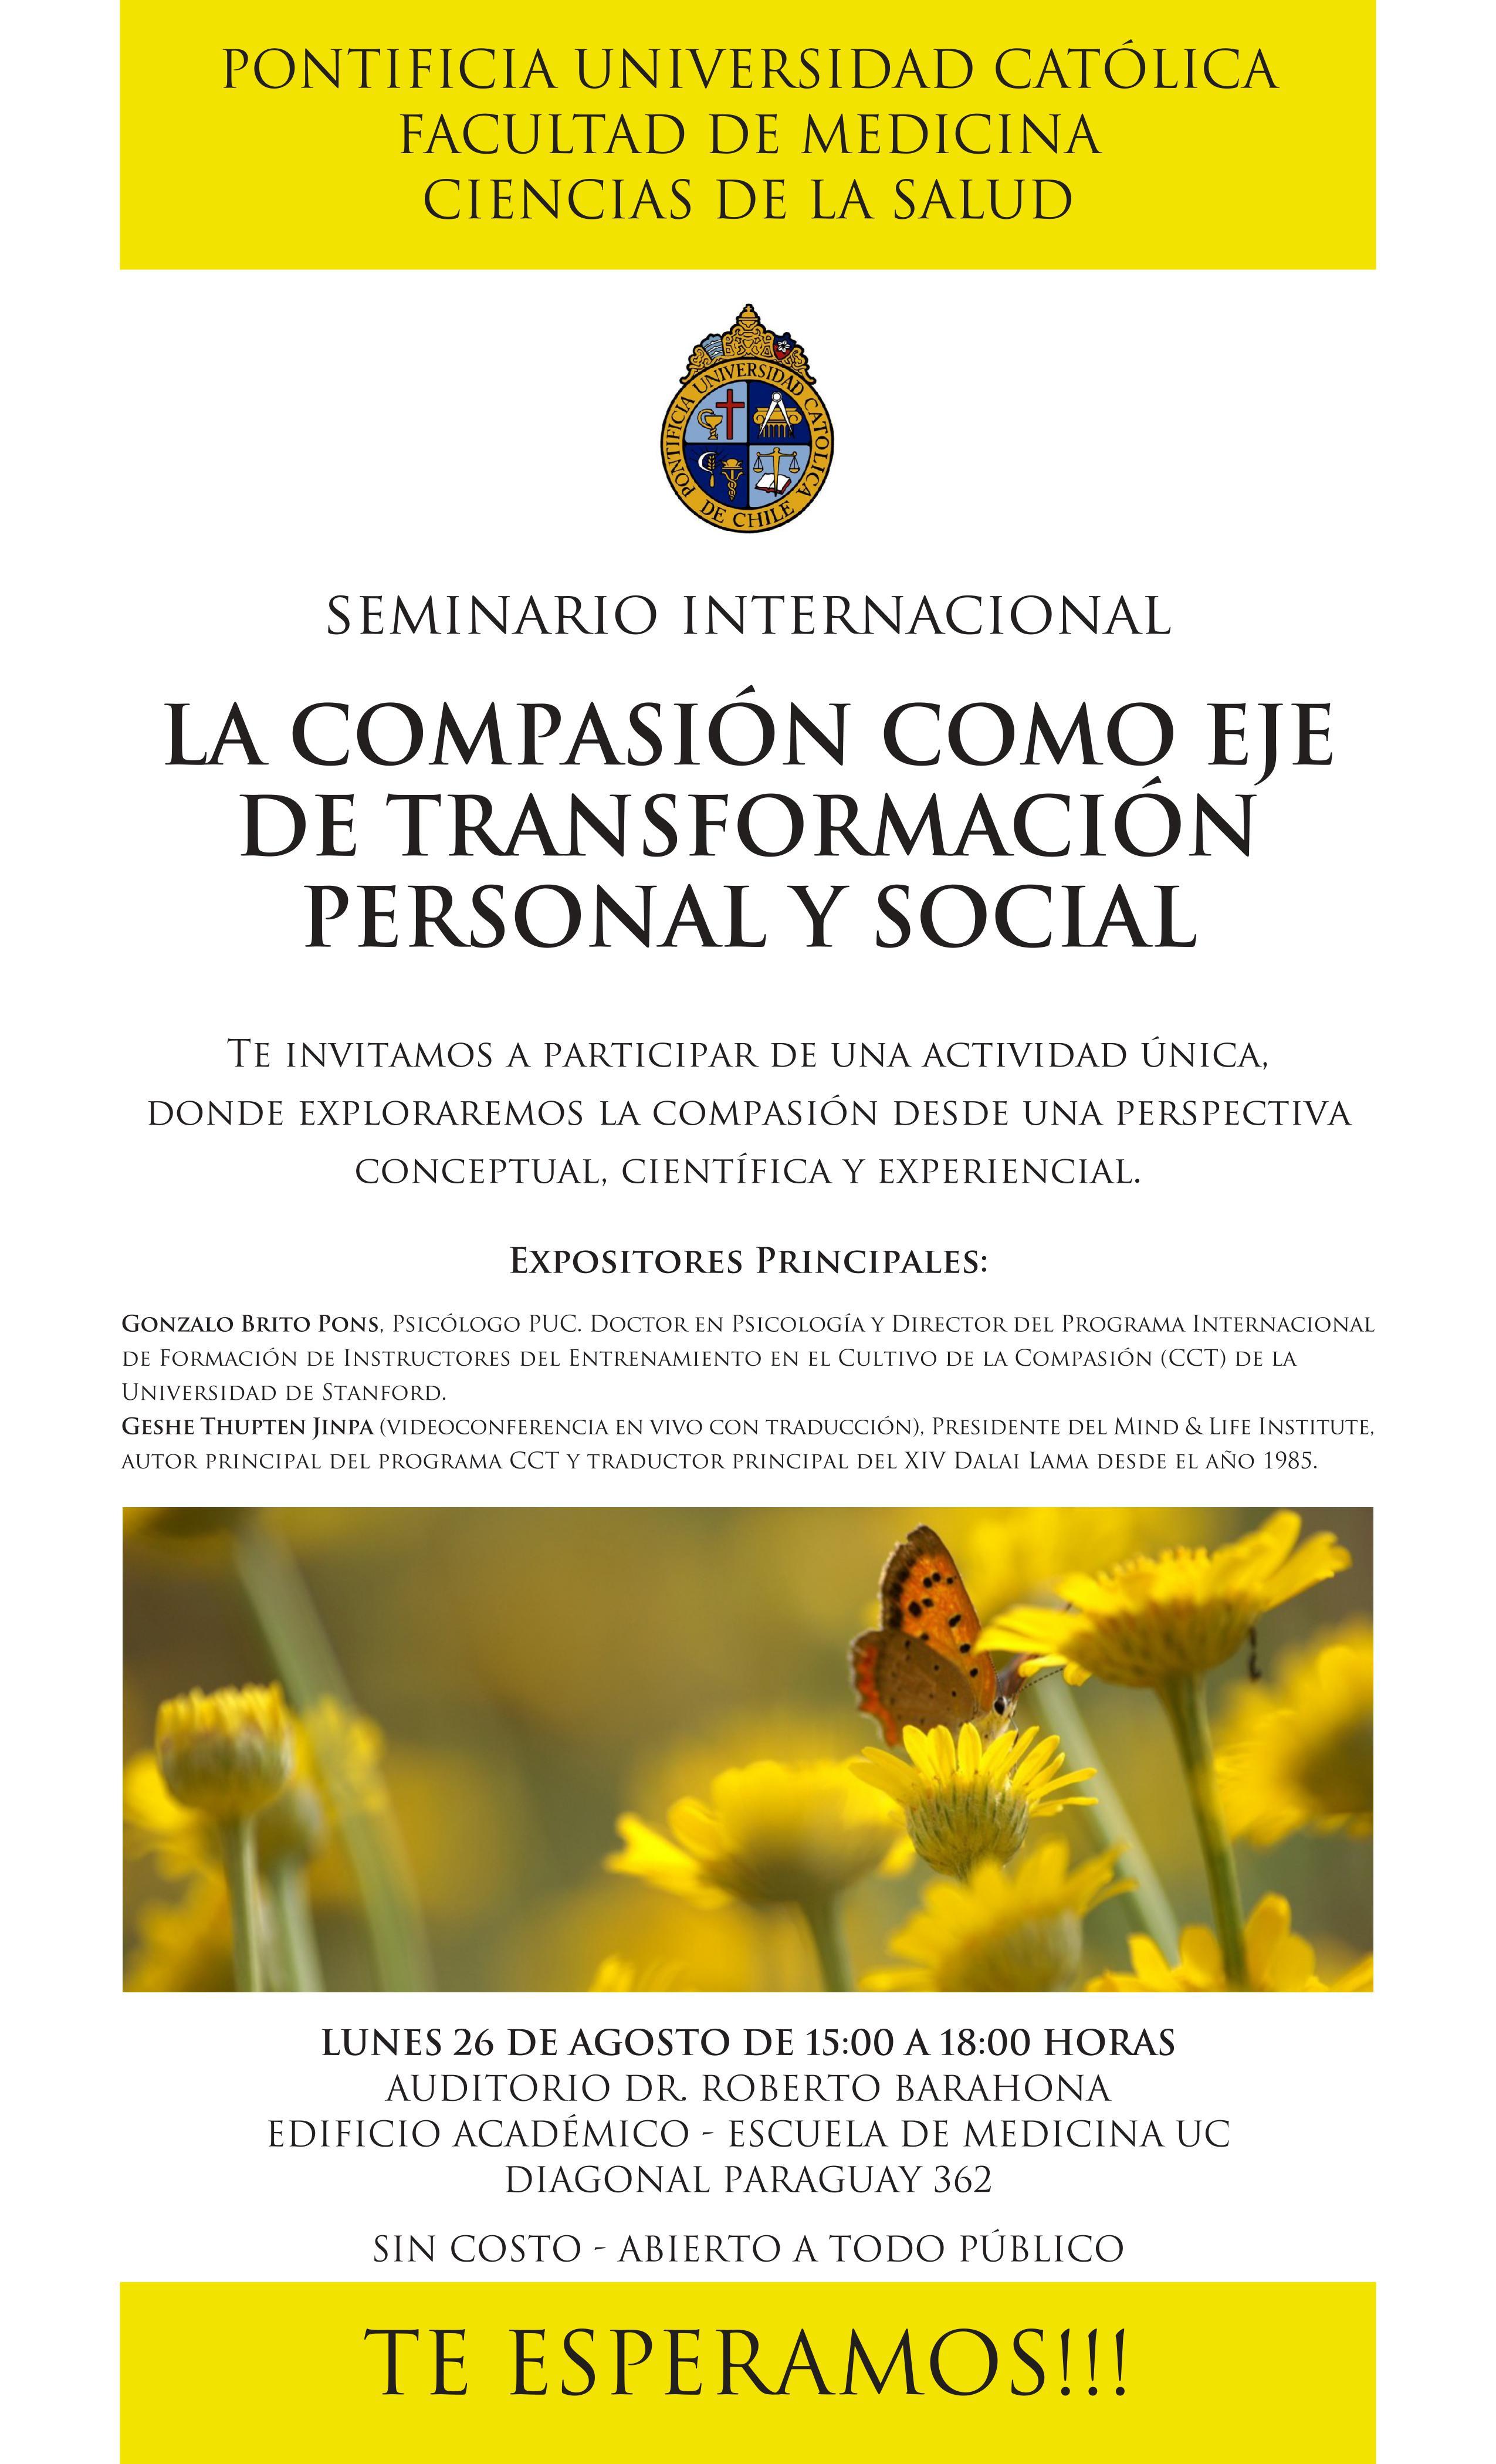 Santiago - PUC - La Compasión como eje de transformación personal y social @ Casa Central Universidad Católica